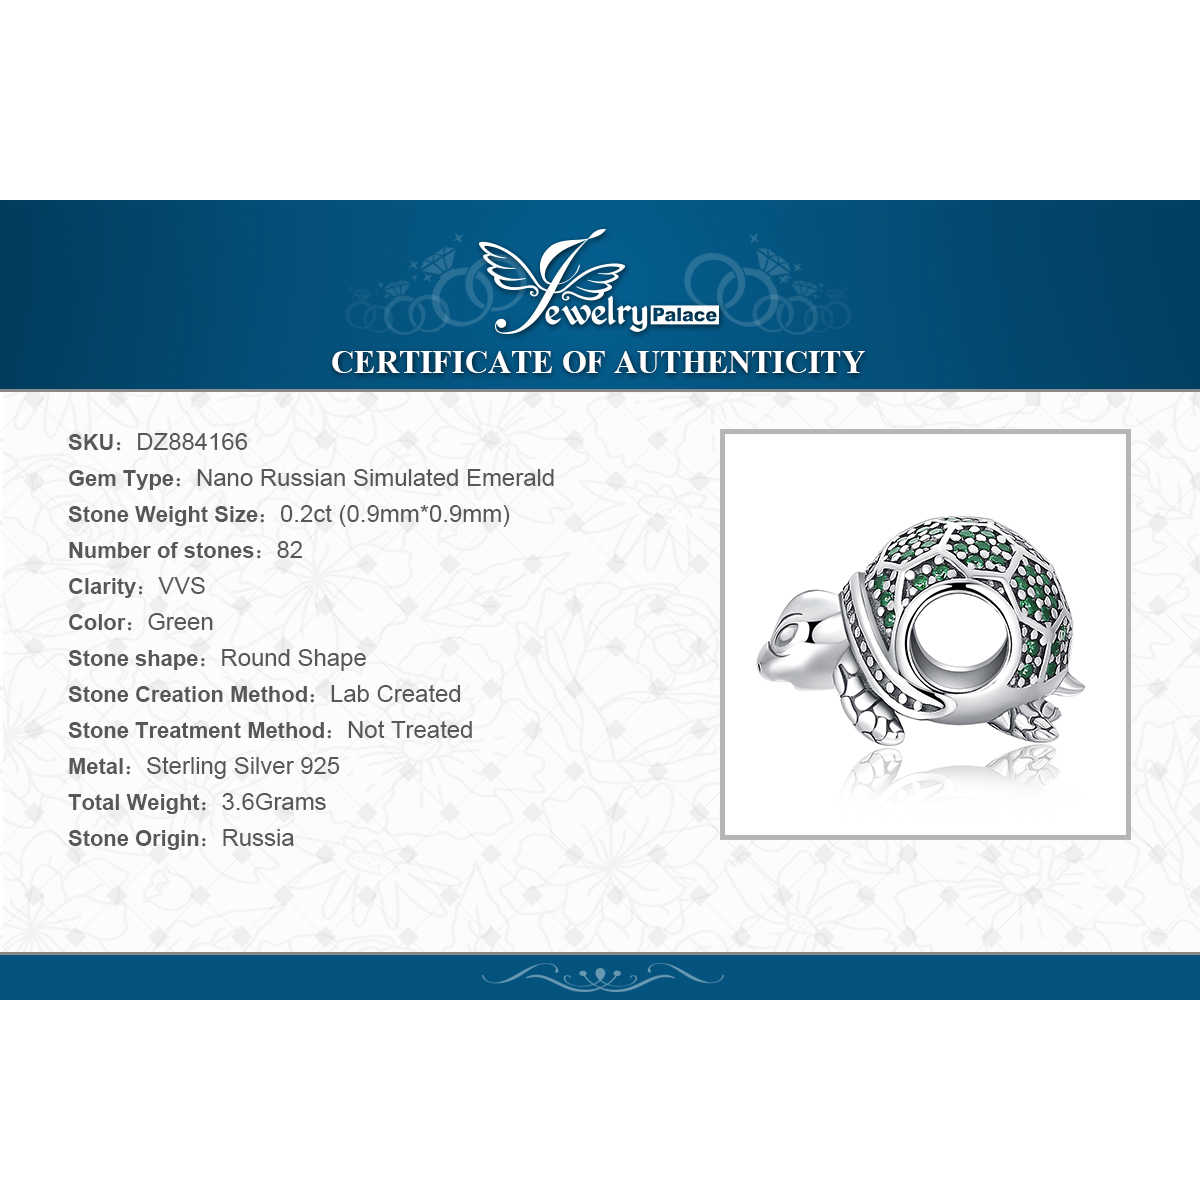 JewelryPalace Schildkröte 925 Sterling Silber Perlen Charms Silber 925 Original Für Armband Silber 925 original Perlen Schmuck Machen